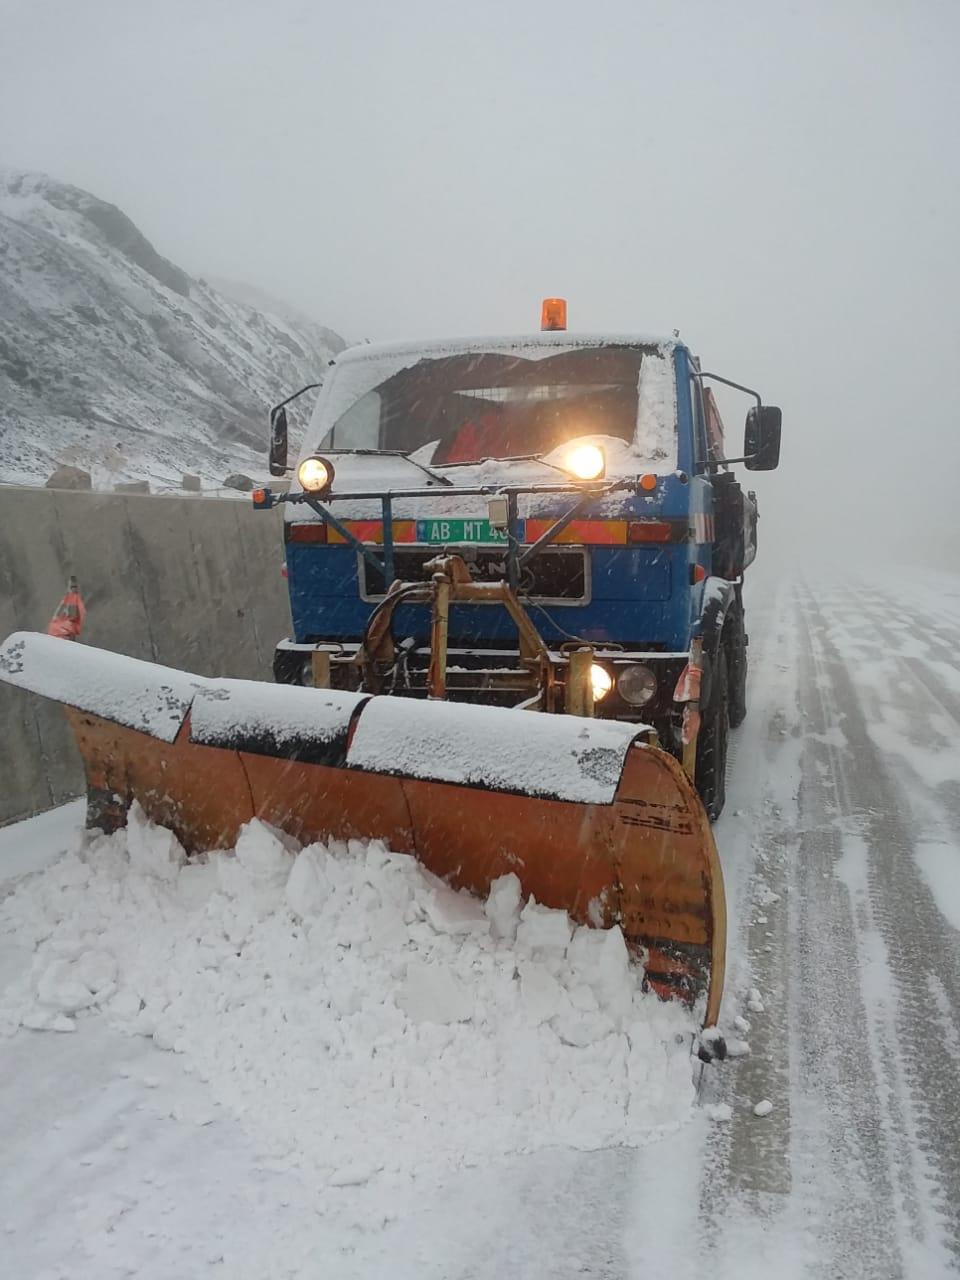 Vendi përfshihet nga reshje bore, ARRSH jep informacion mbi gjendjen e rrugëve